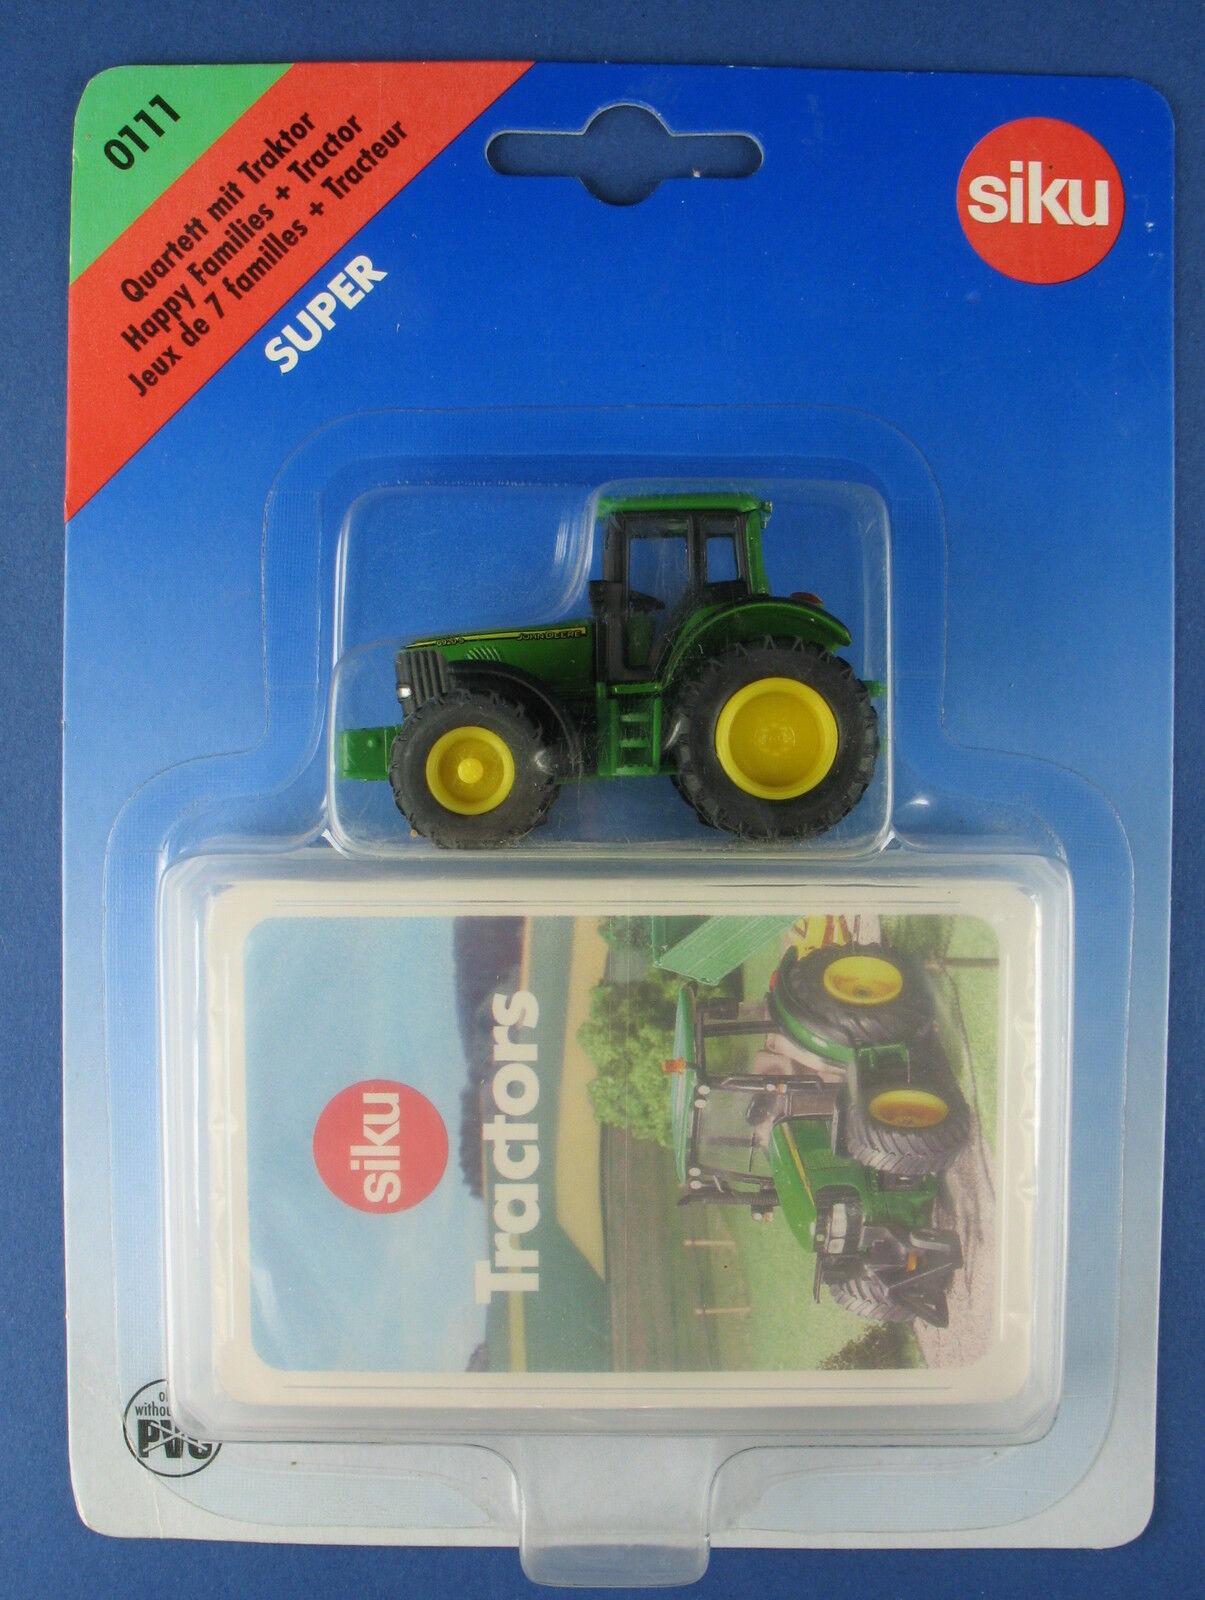 Siku 0111 -  Tractors  Quartetto-con Trattore-John Deere 6920 S-NUOVO IN SCATOLA ORIGINALE